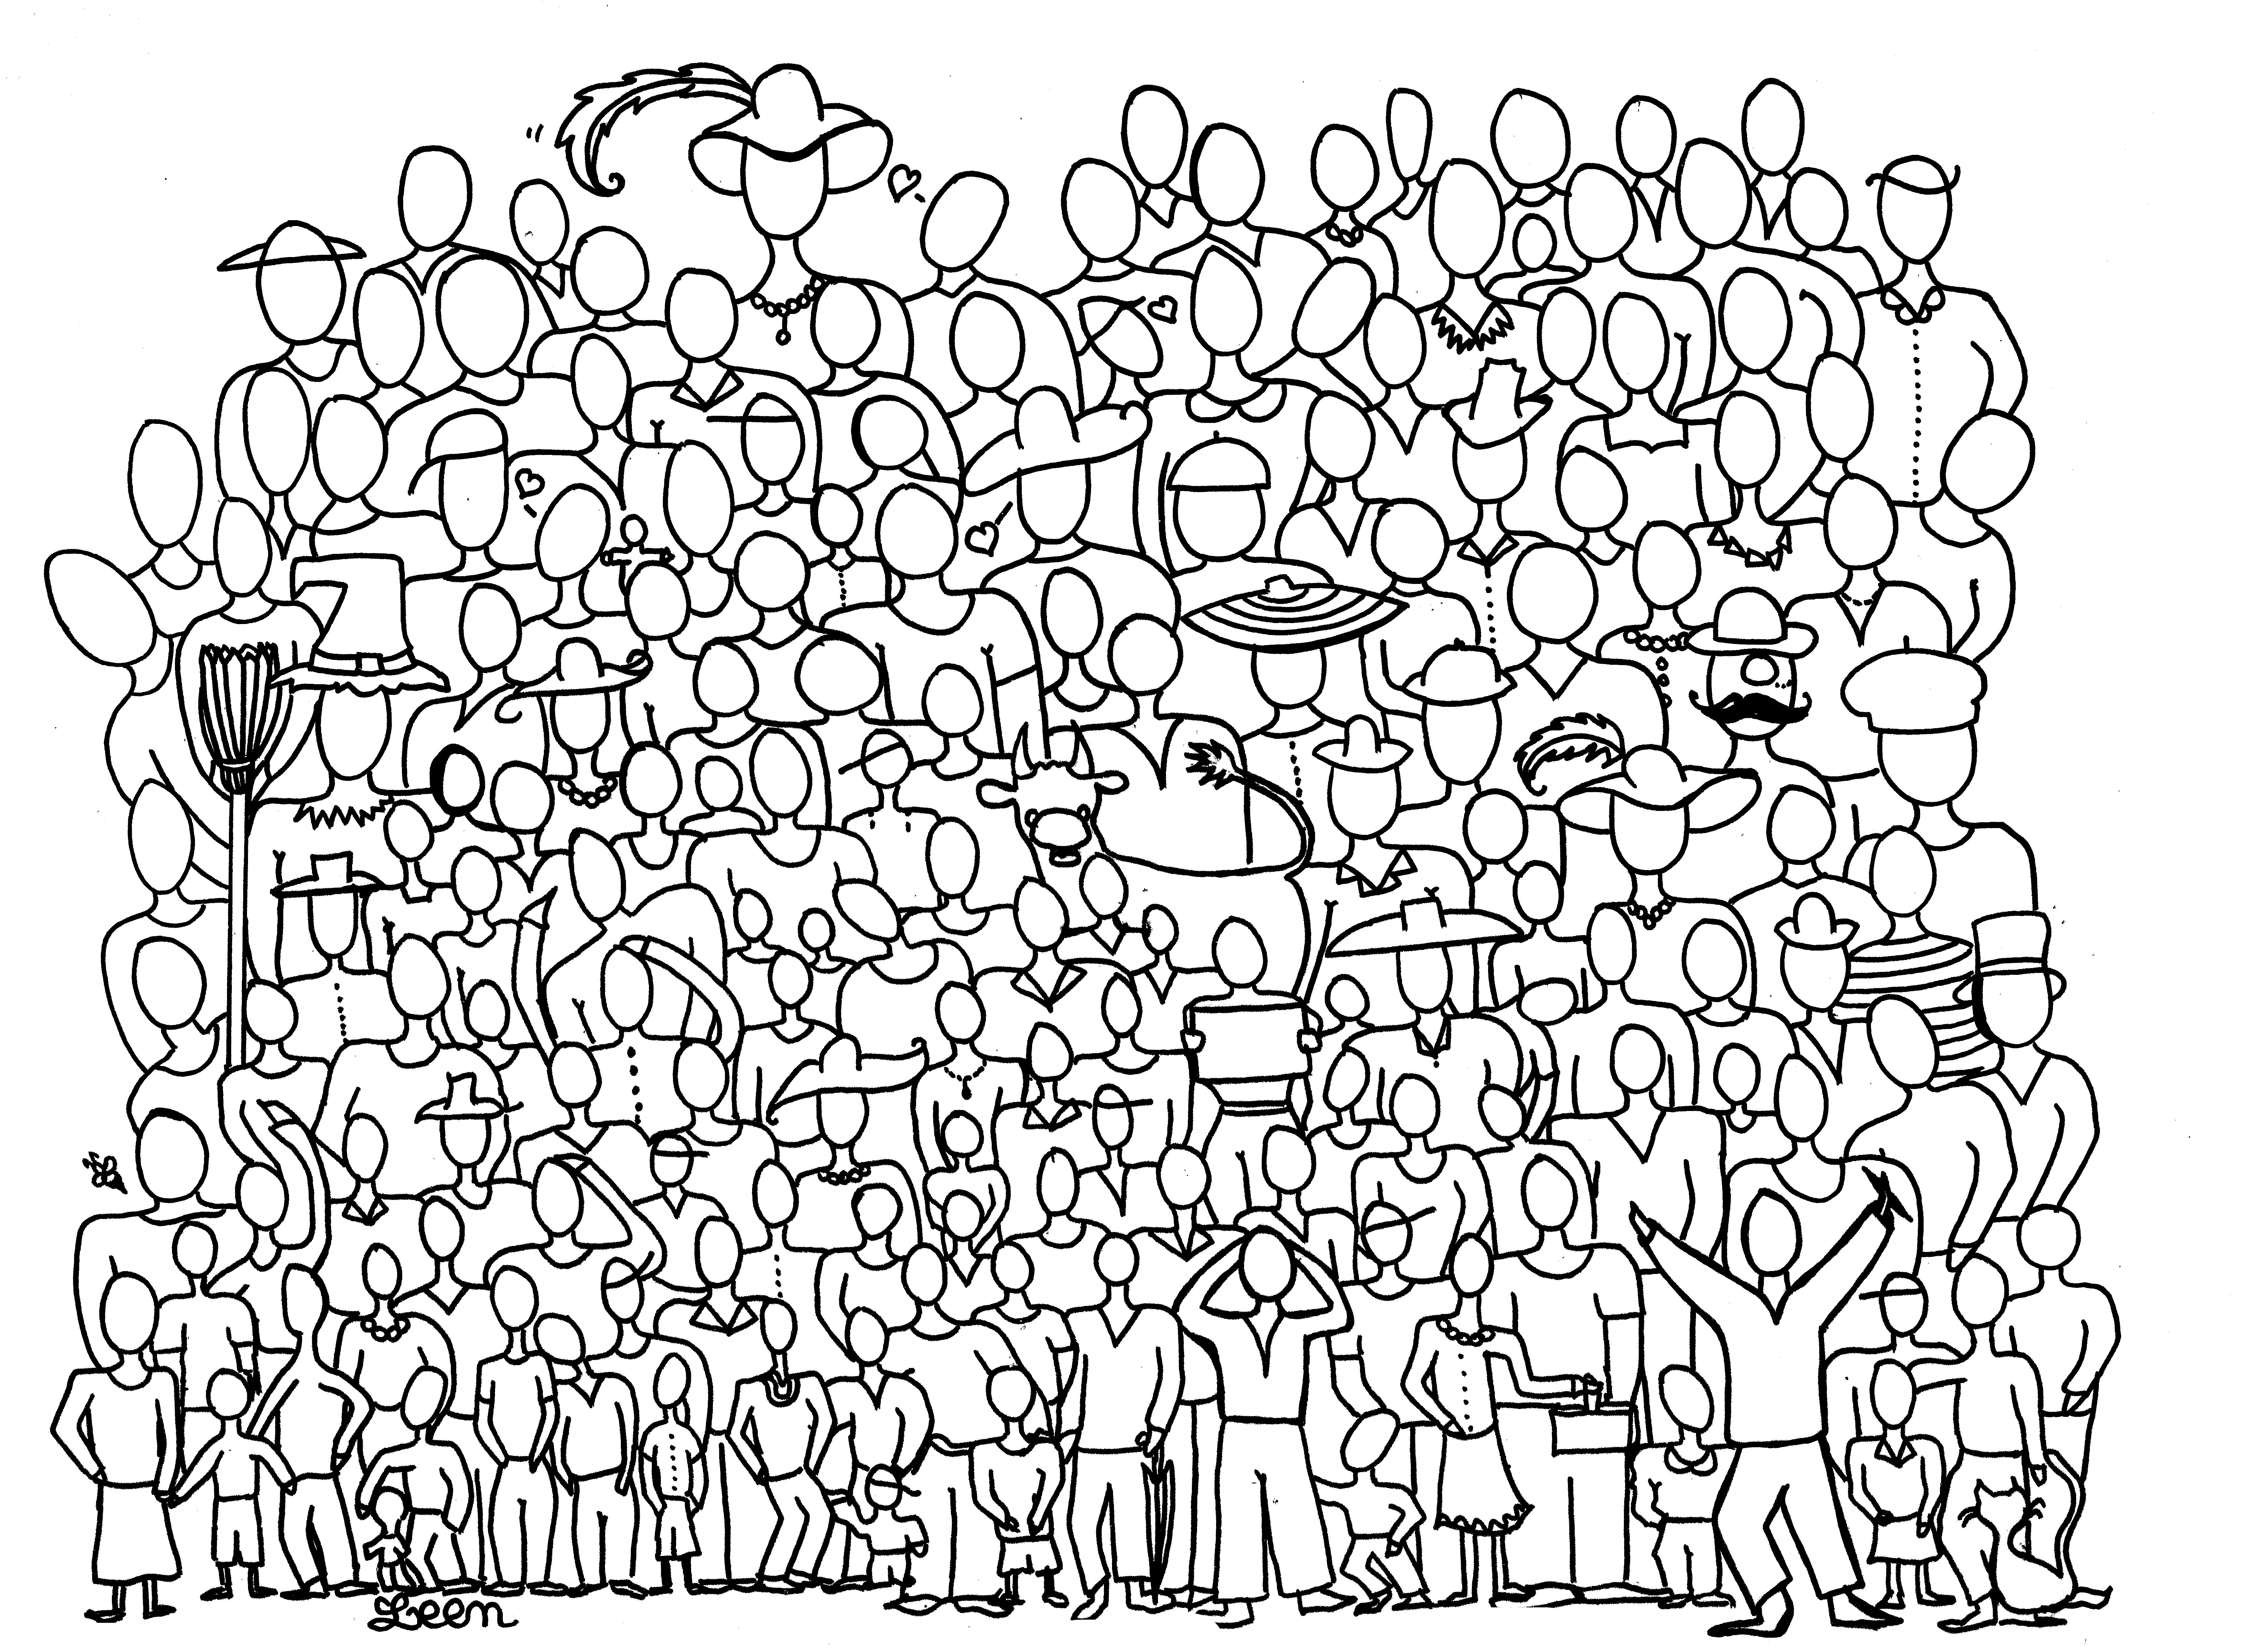 'Photo de famille', un coloriage rempli de personnages